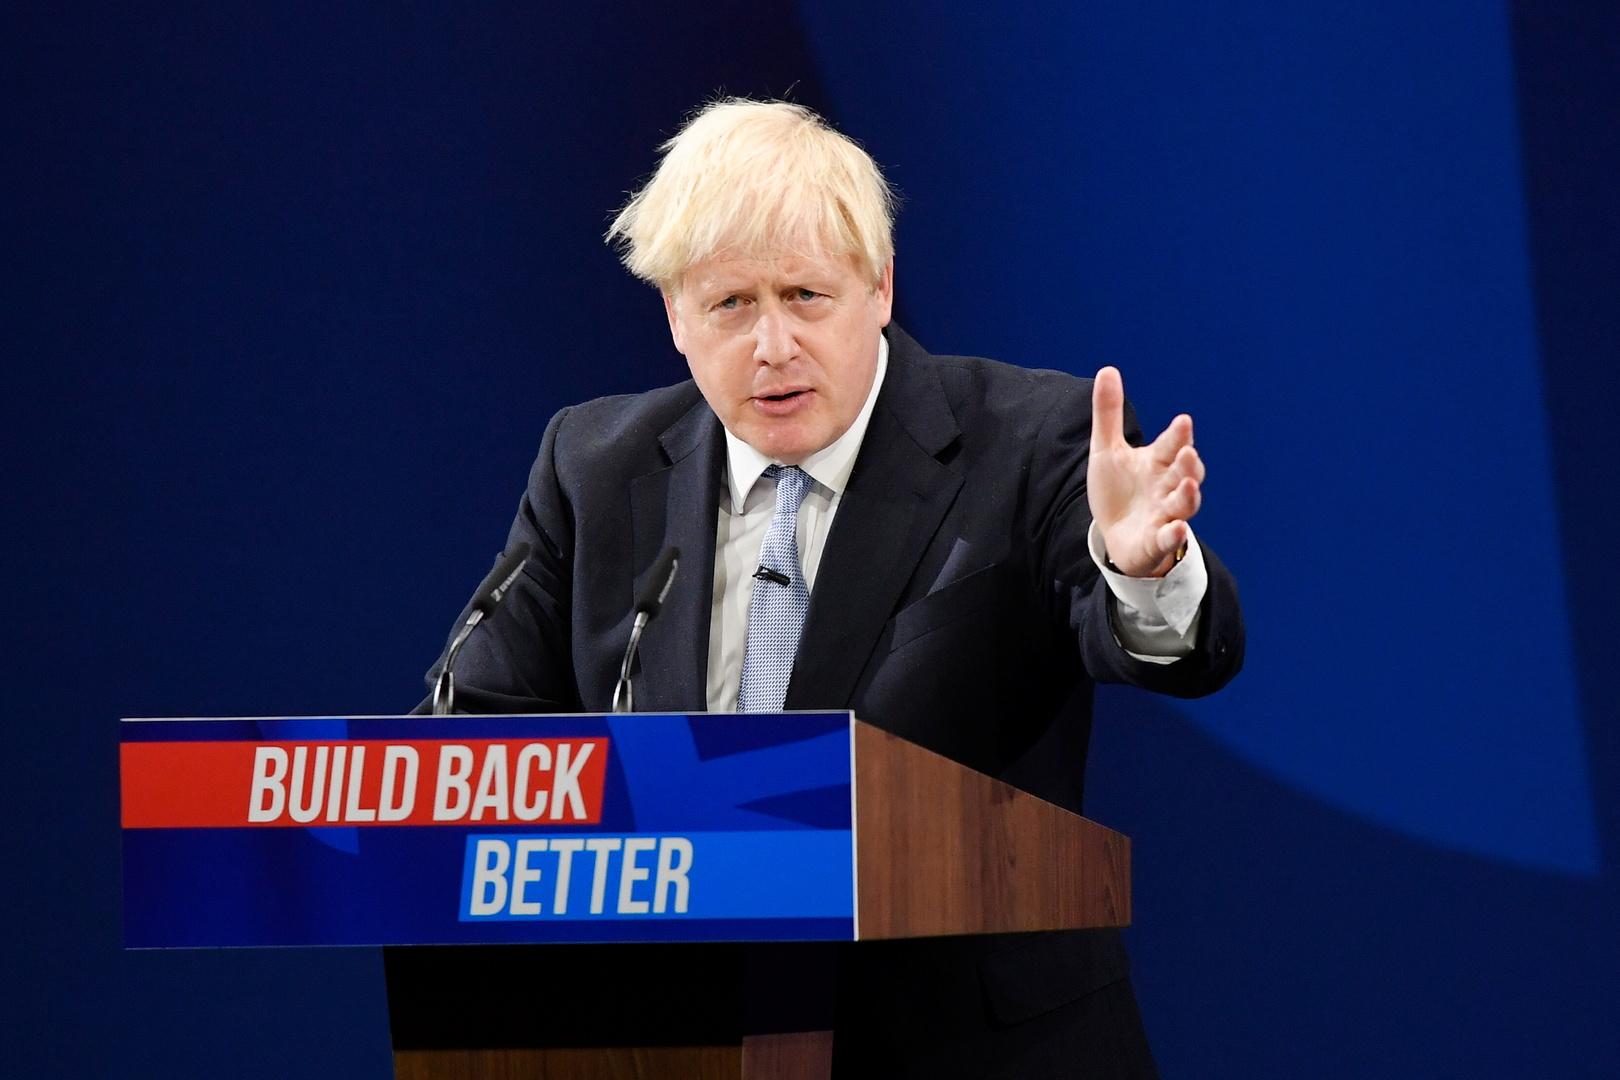 جونسون يتعهد بالمضي قدما في إصلاح الاقتصاد البريطاني لمرحلة ما بعد